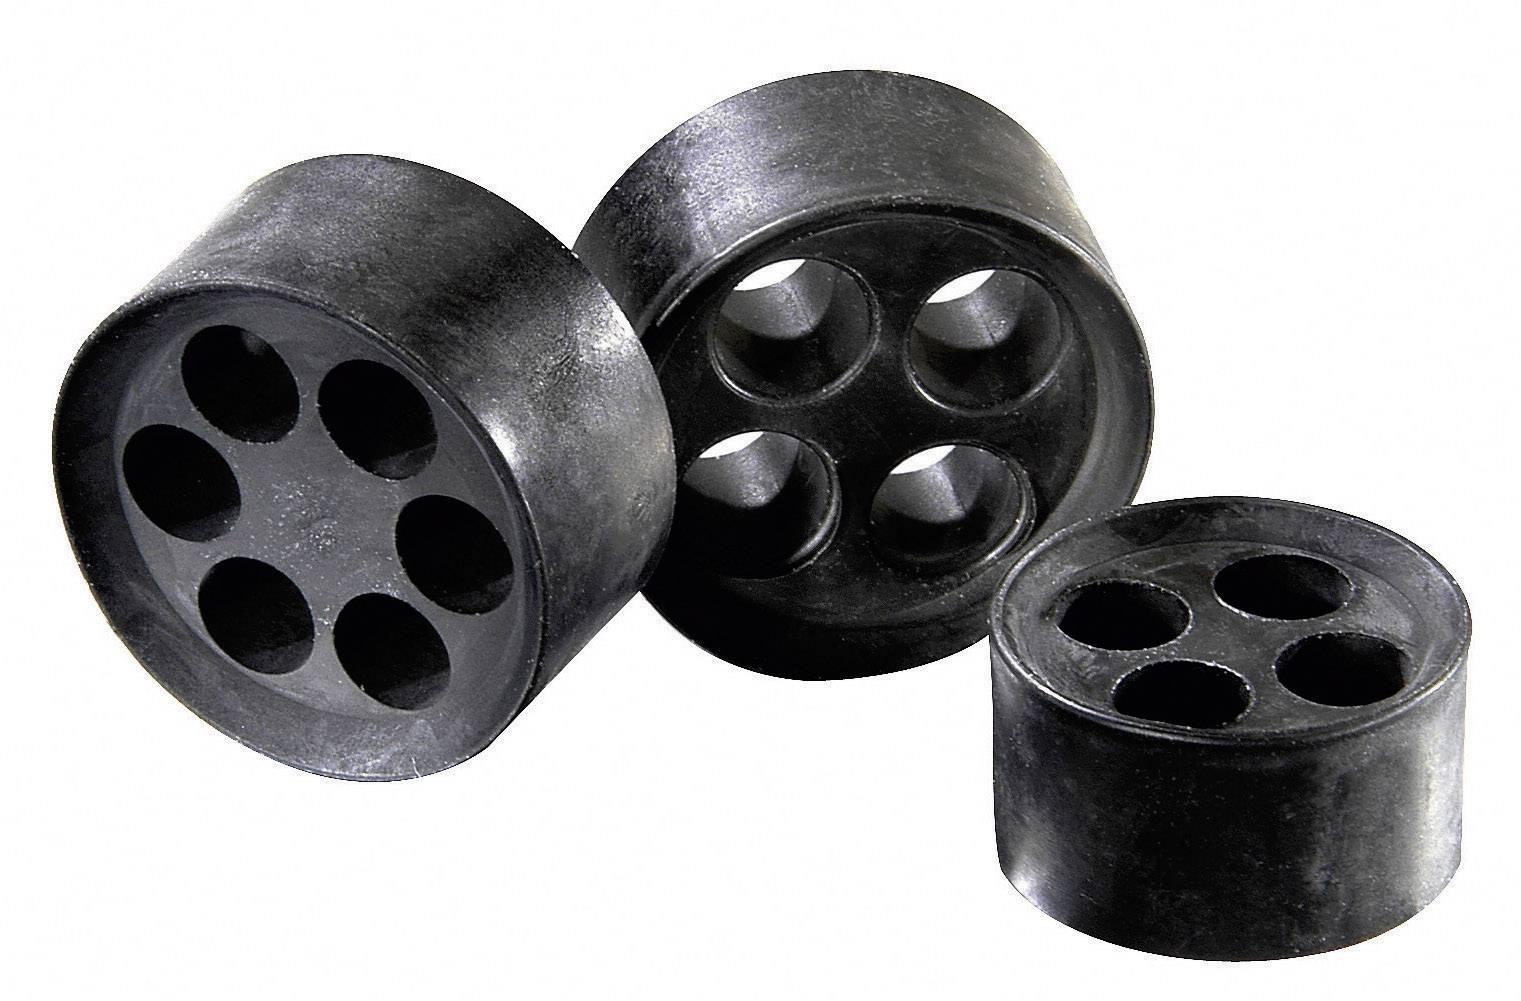 Těsnicí vložka M63 Wiska MFD 63/03/065 (10101201), IP66, M63, elastomer, černá